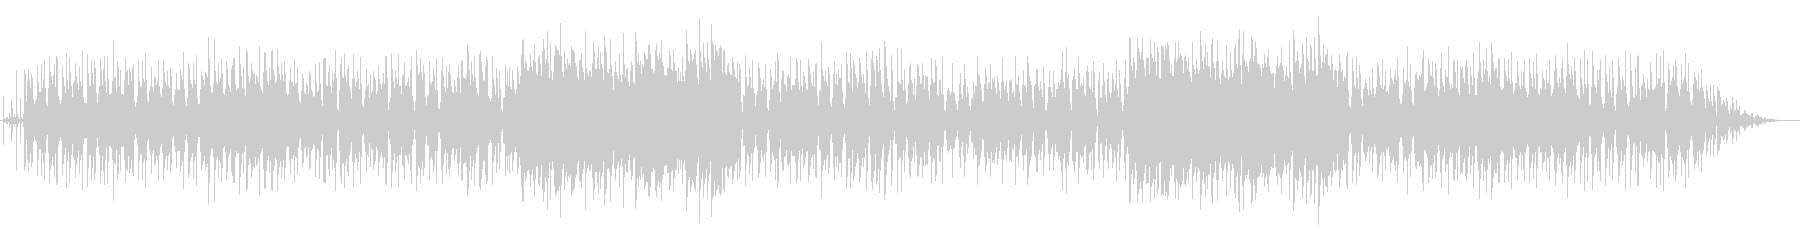 休日の朝に聴きたいジャズワルツの未再生の波形